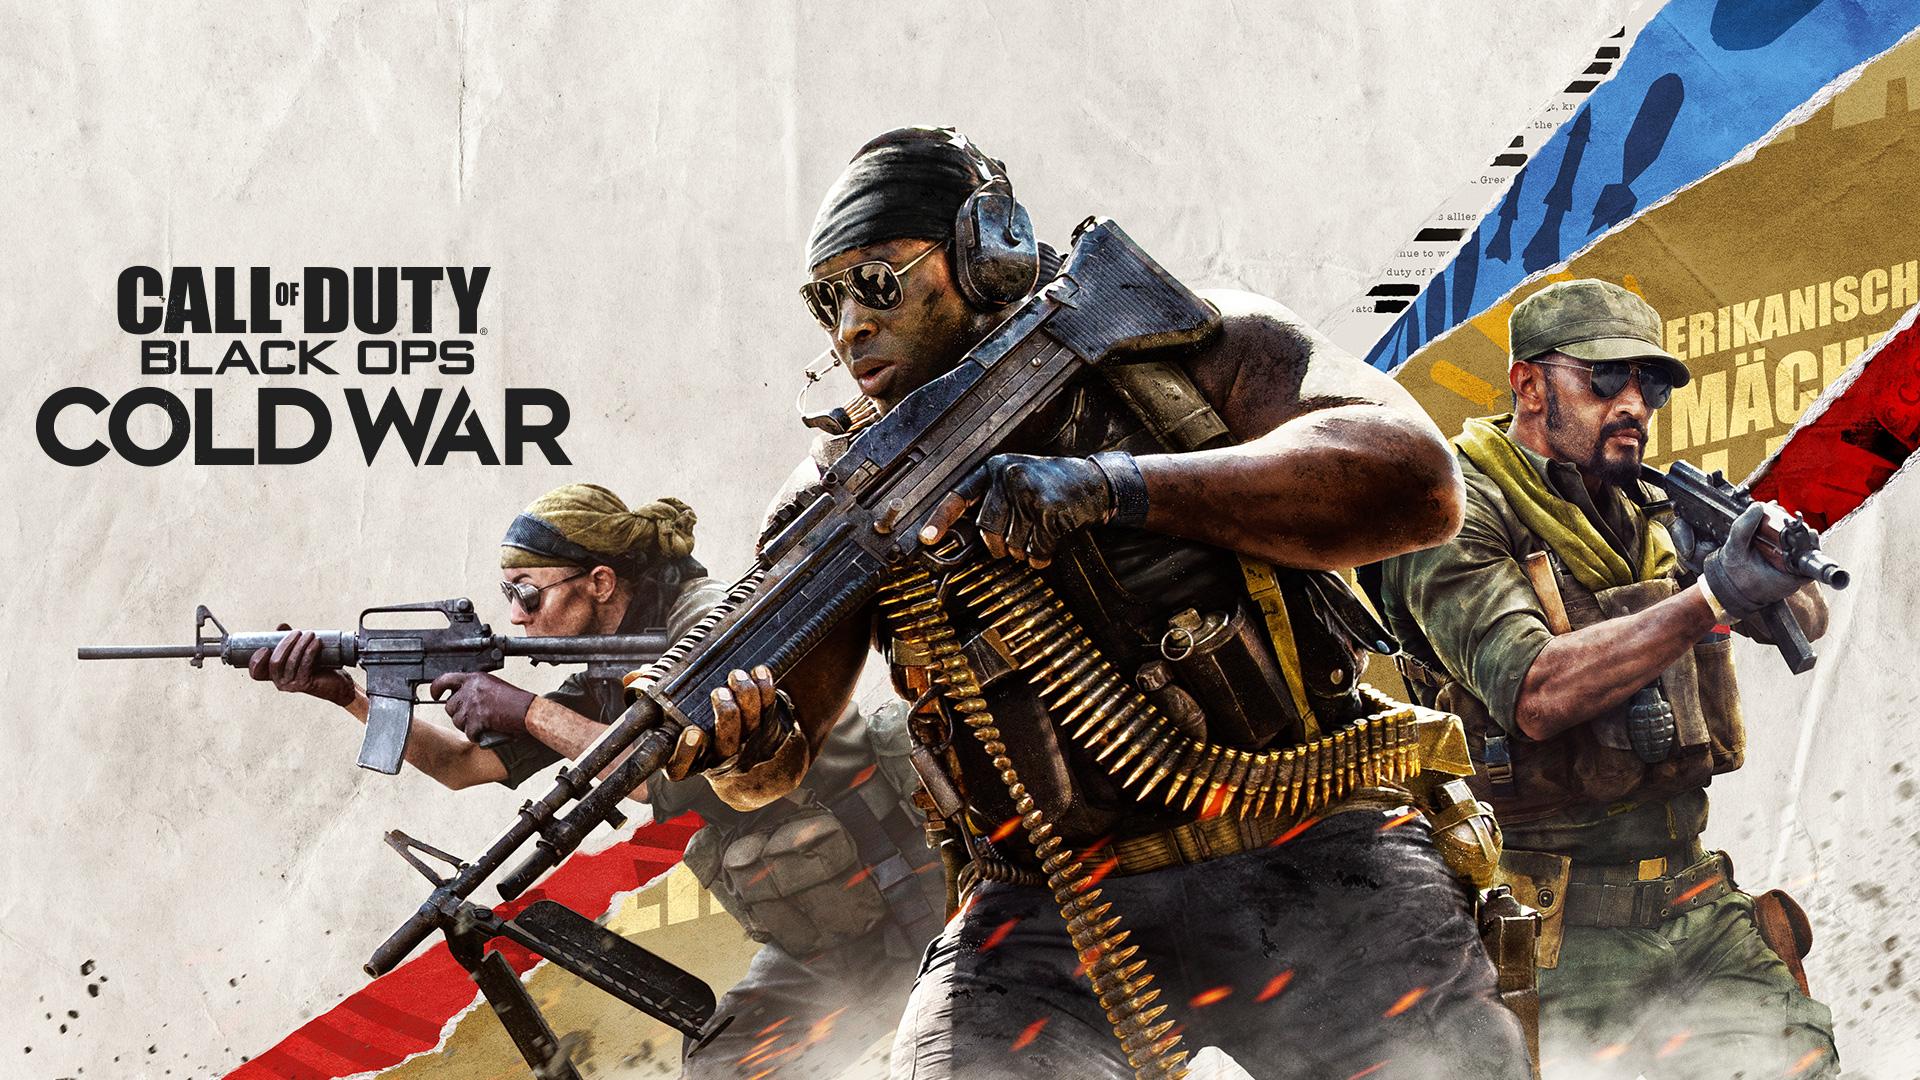 نرخ فریم Call of Duty Cold War با پشتیبانی از ویژگی  DLSS تا ۸۵٪  افزایش مییابد